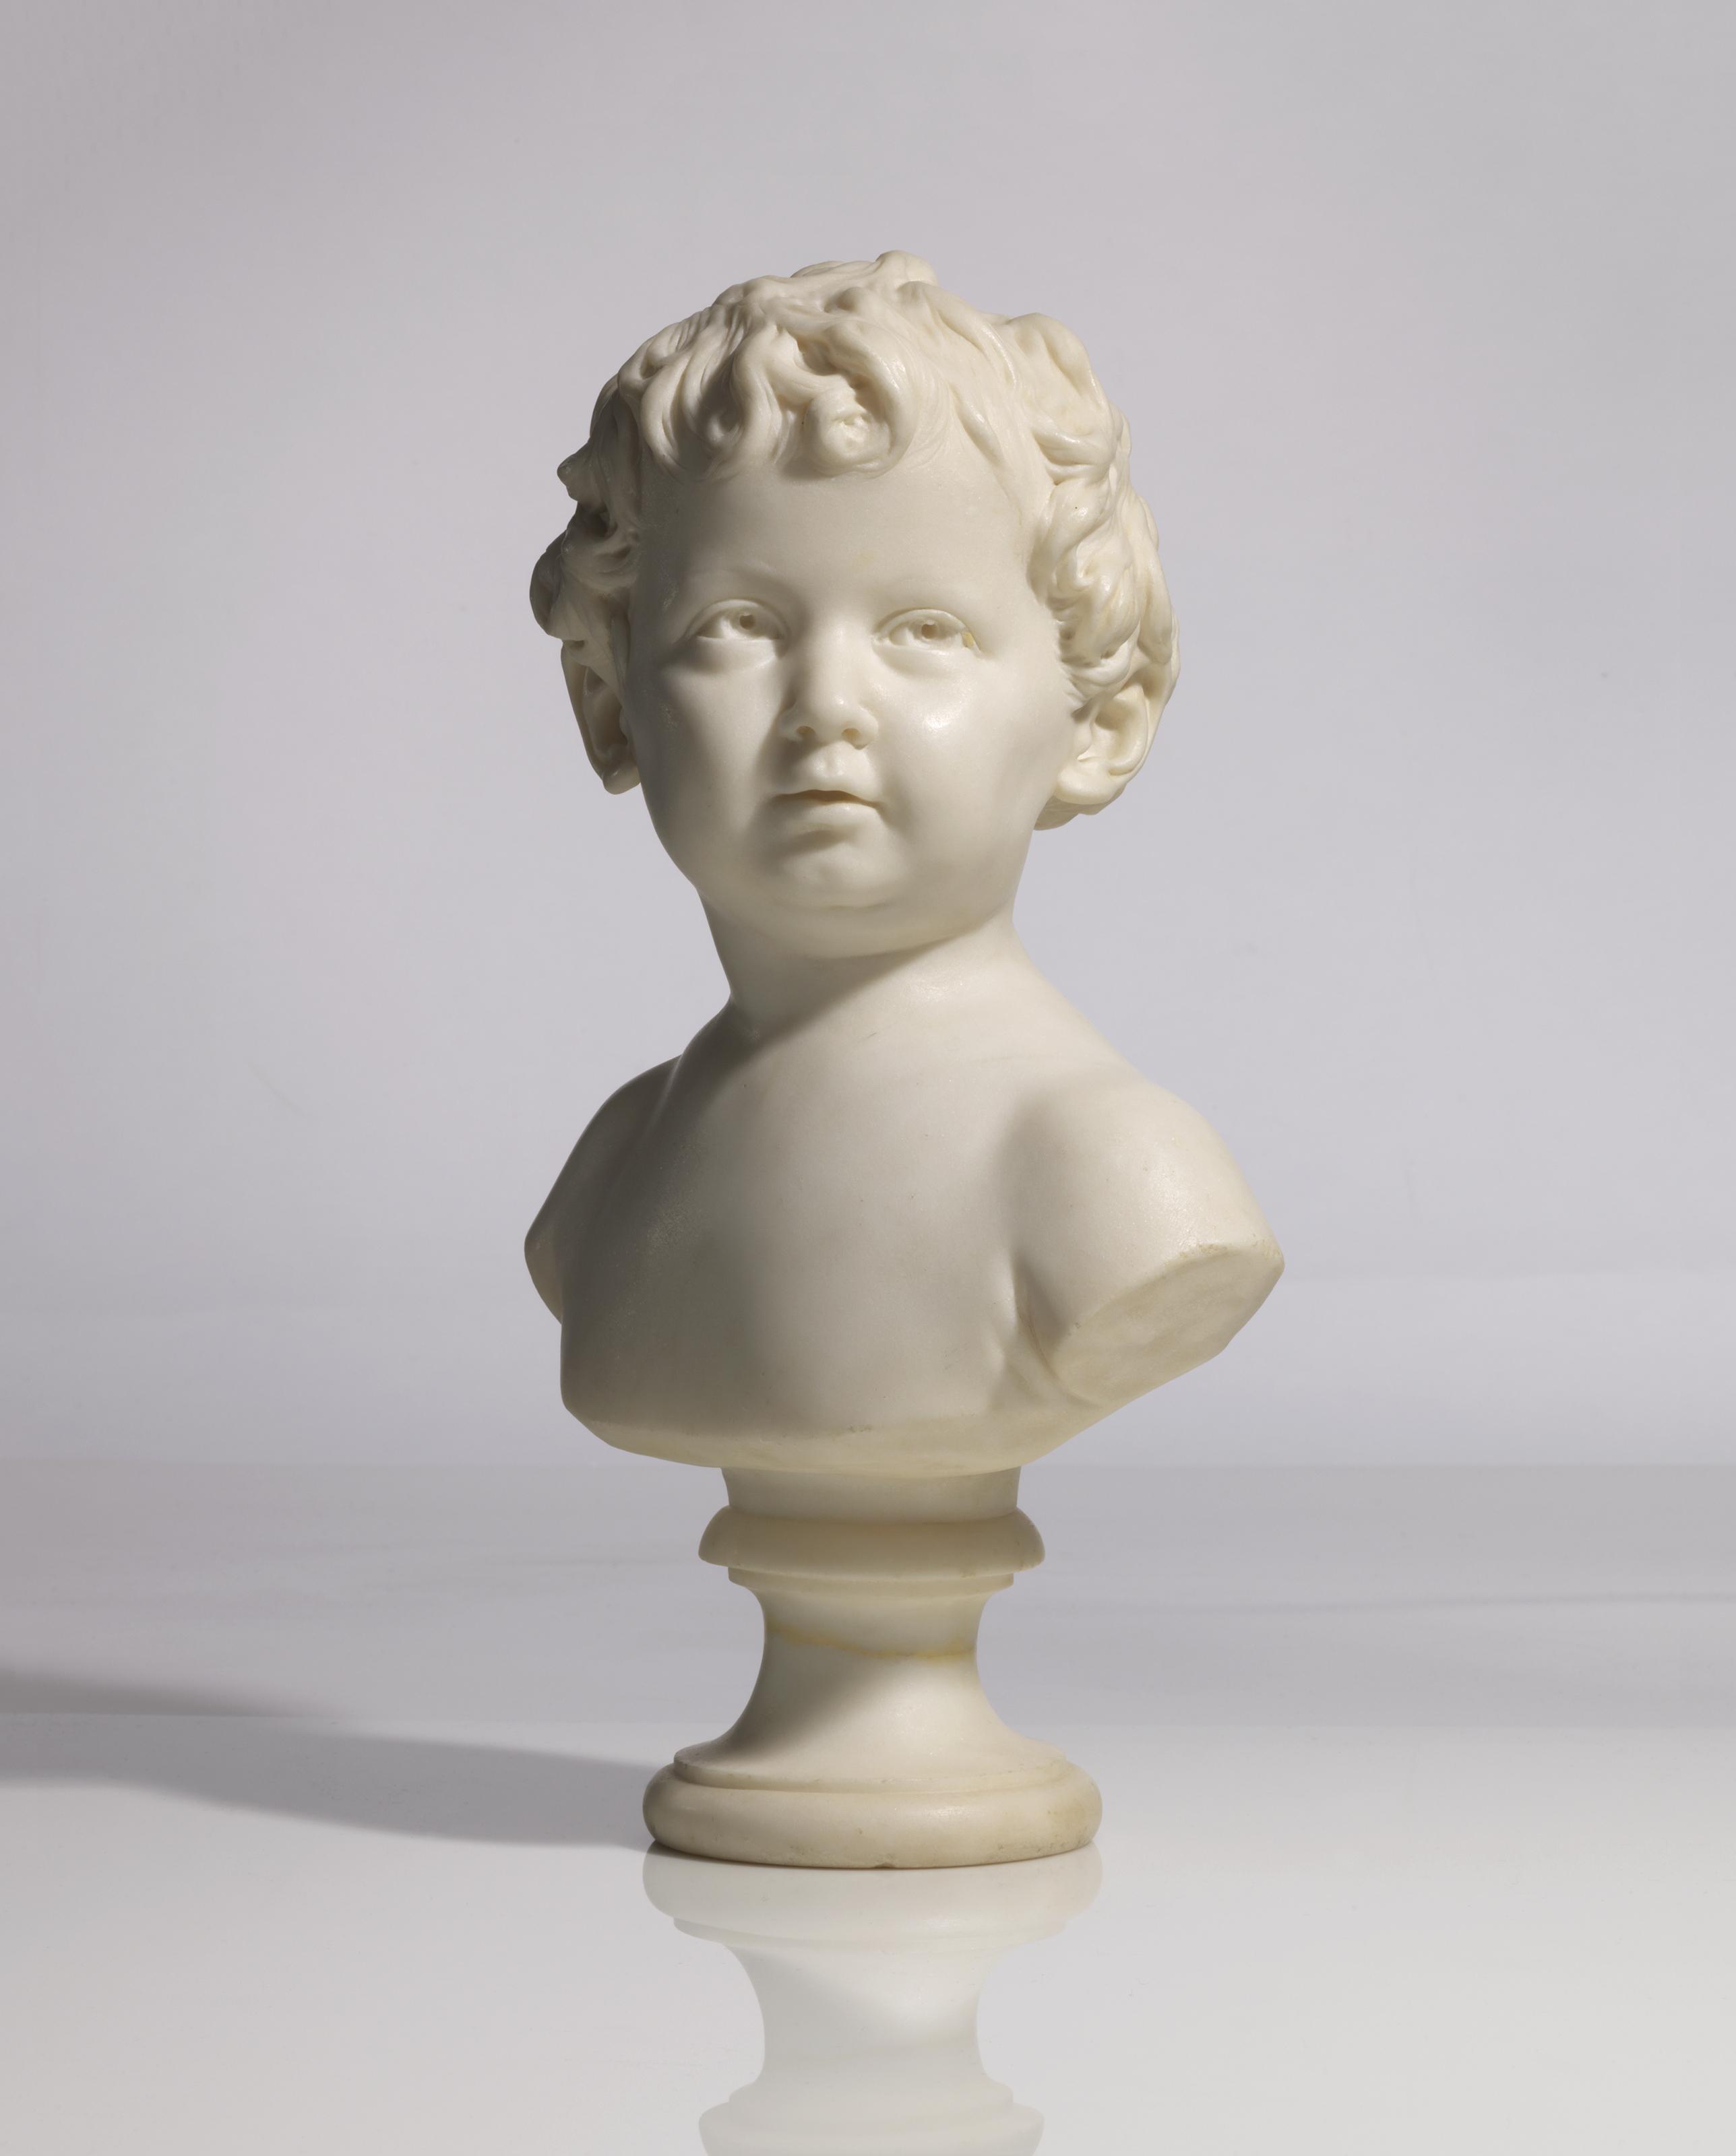 BUSTE EN MARBRE REPRESENTANT ANNE-ANGE HOUDON (1788-1843) A L'AGE DE 15 MOIS